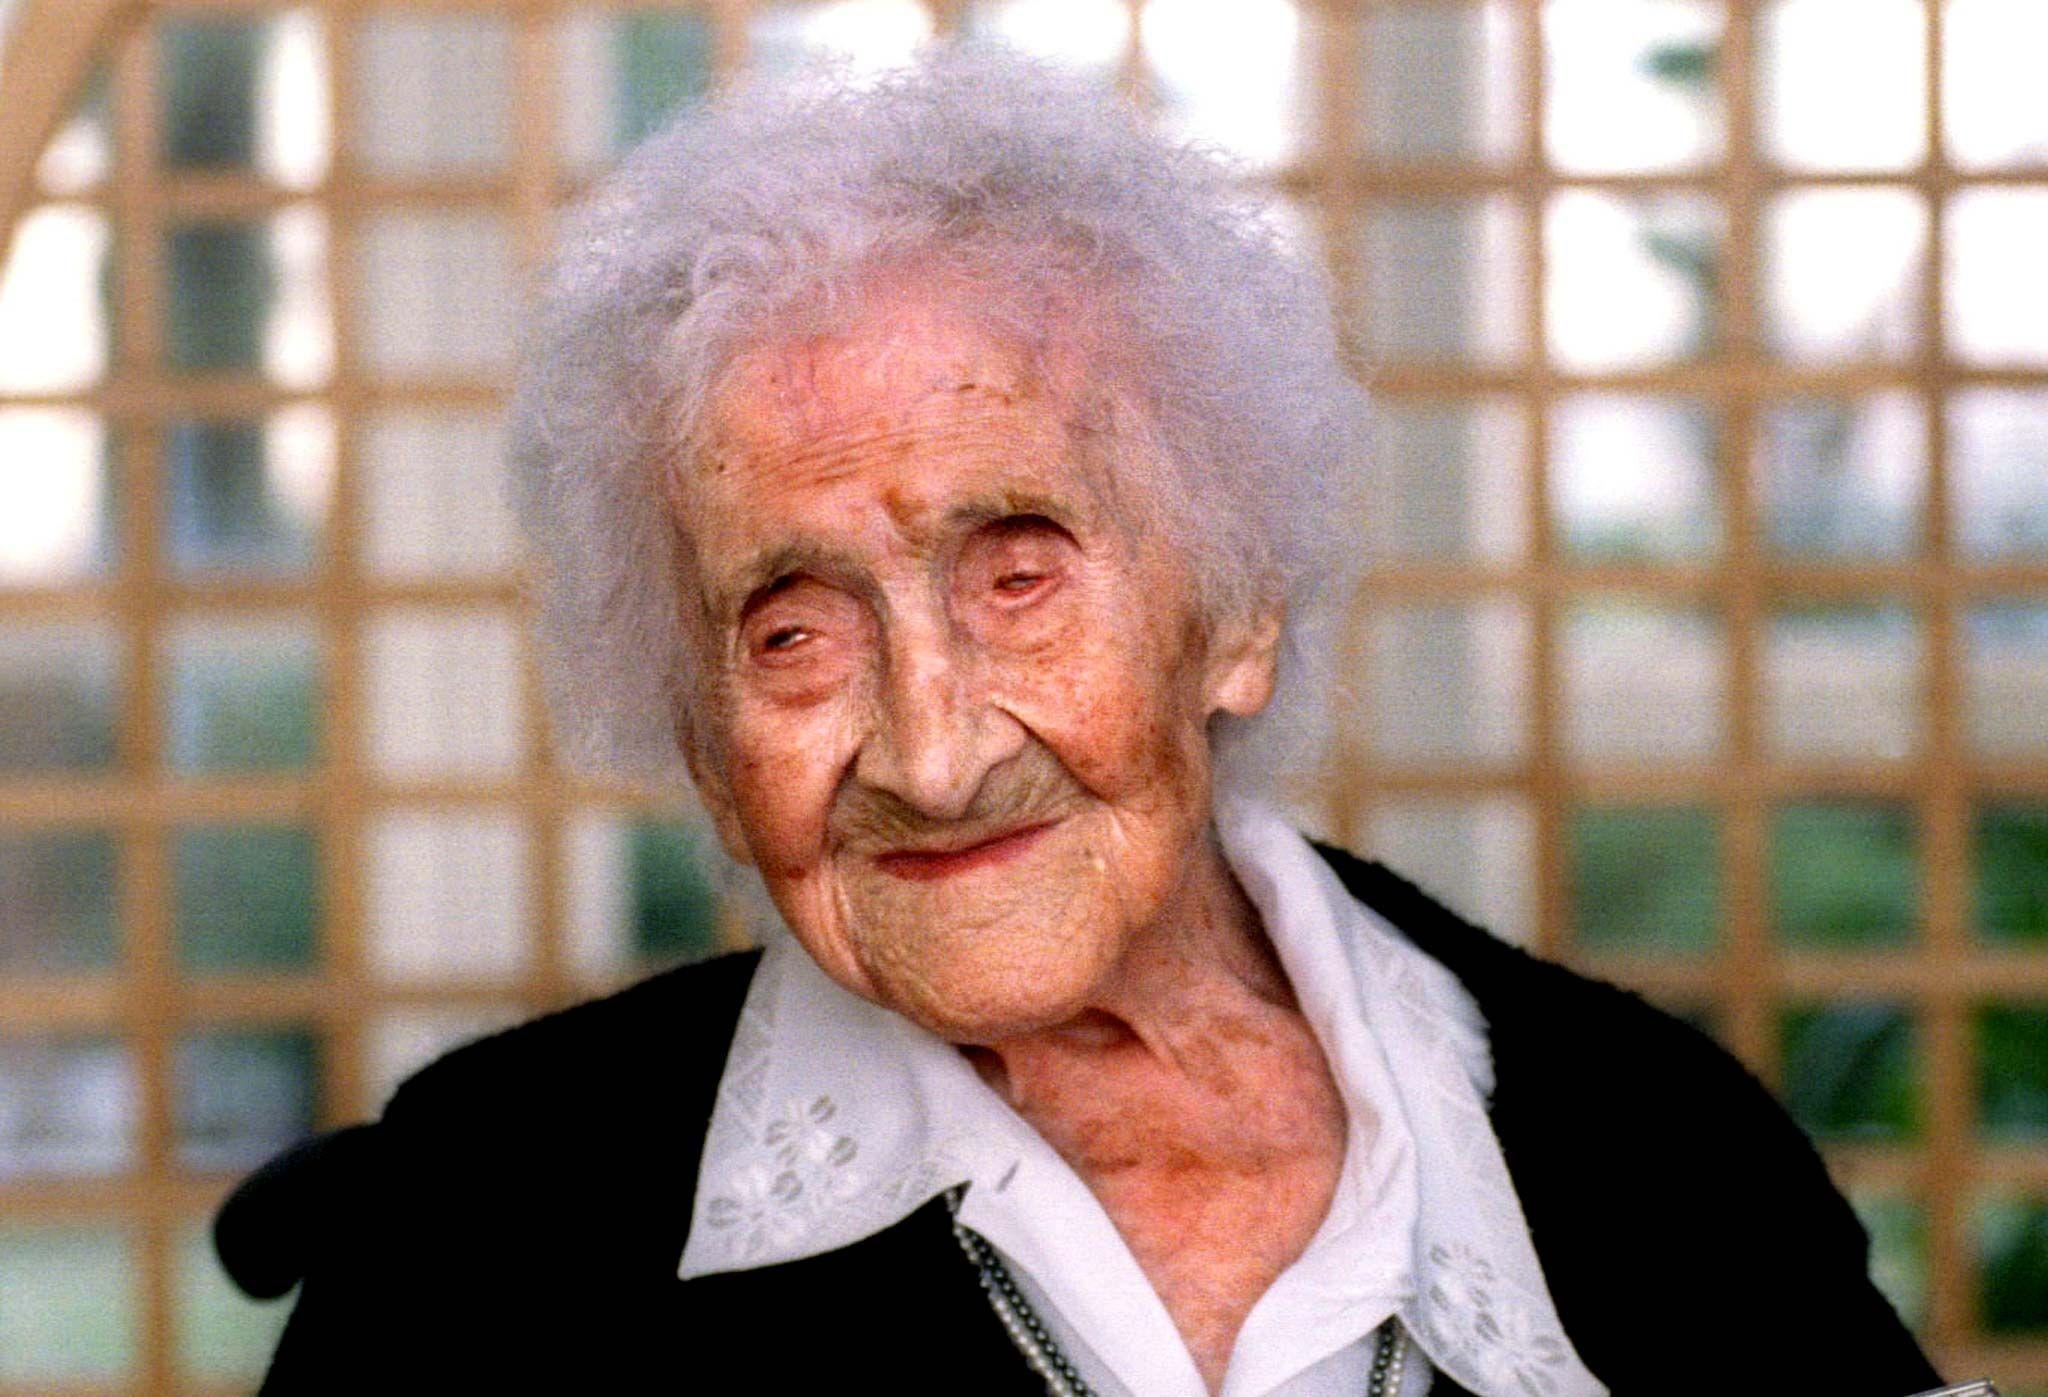 Le record de la plus vieille personne identifiée est toujours détenu par la Française Jeanne Calment, décédée à l'âge de 122 ans en 1997